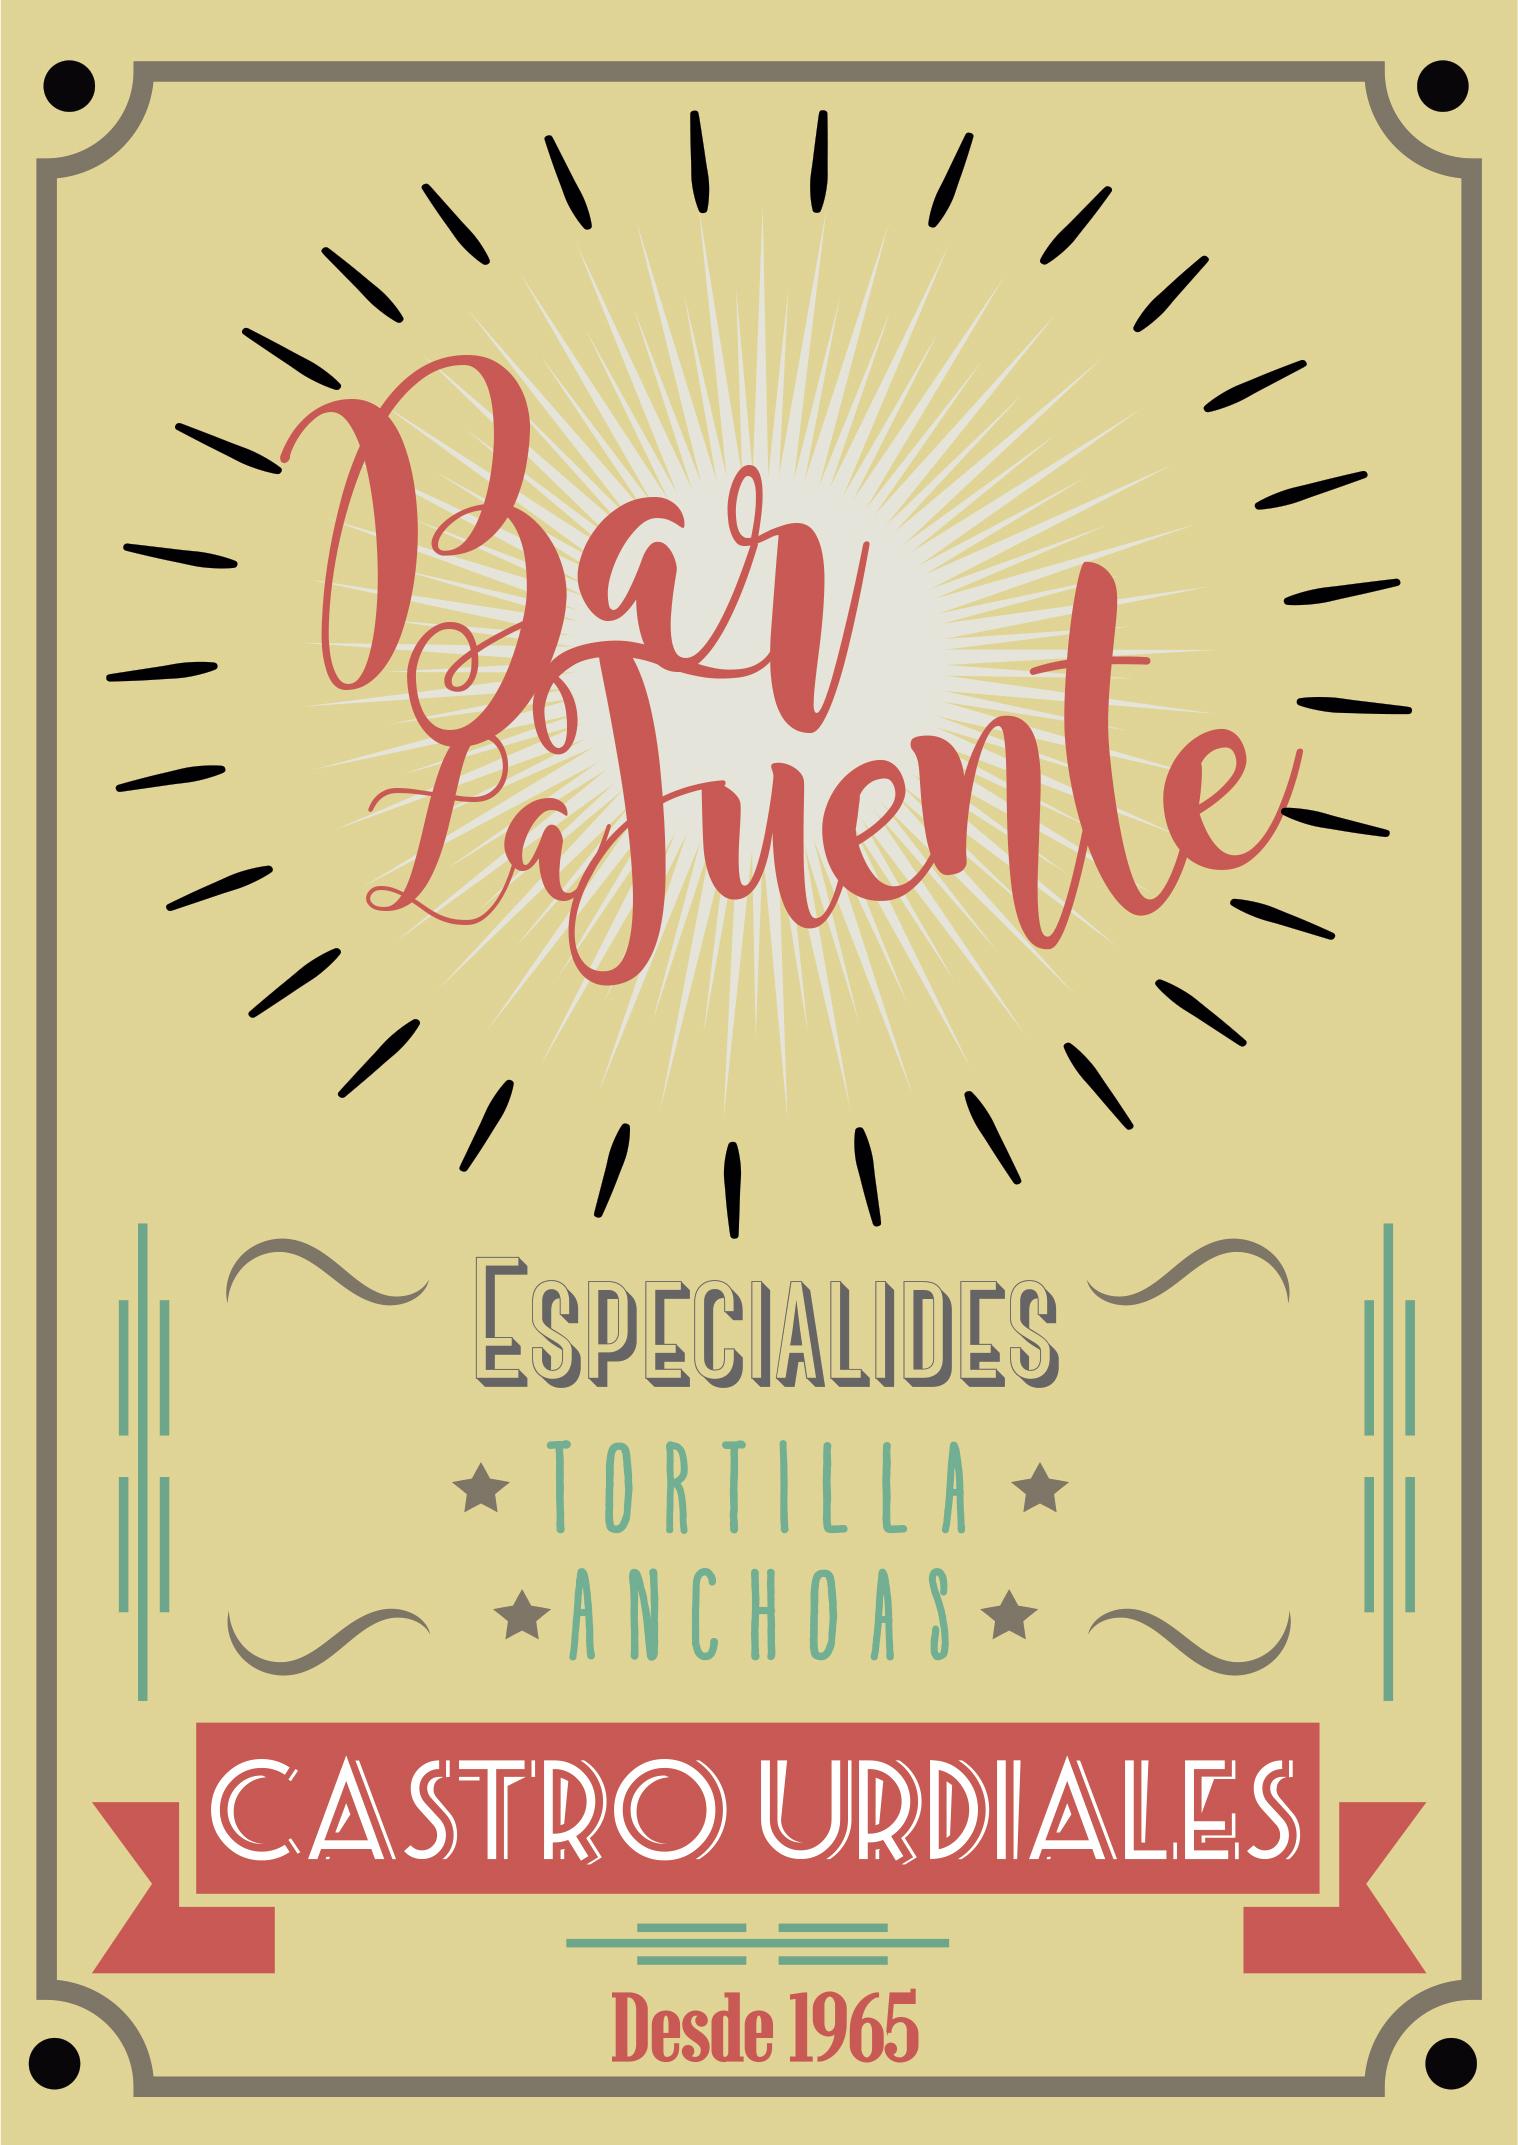 Bar Castro Urdiales